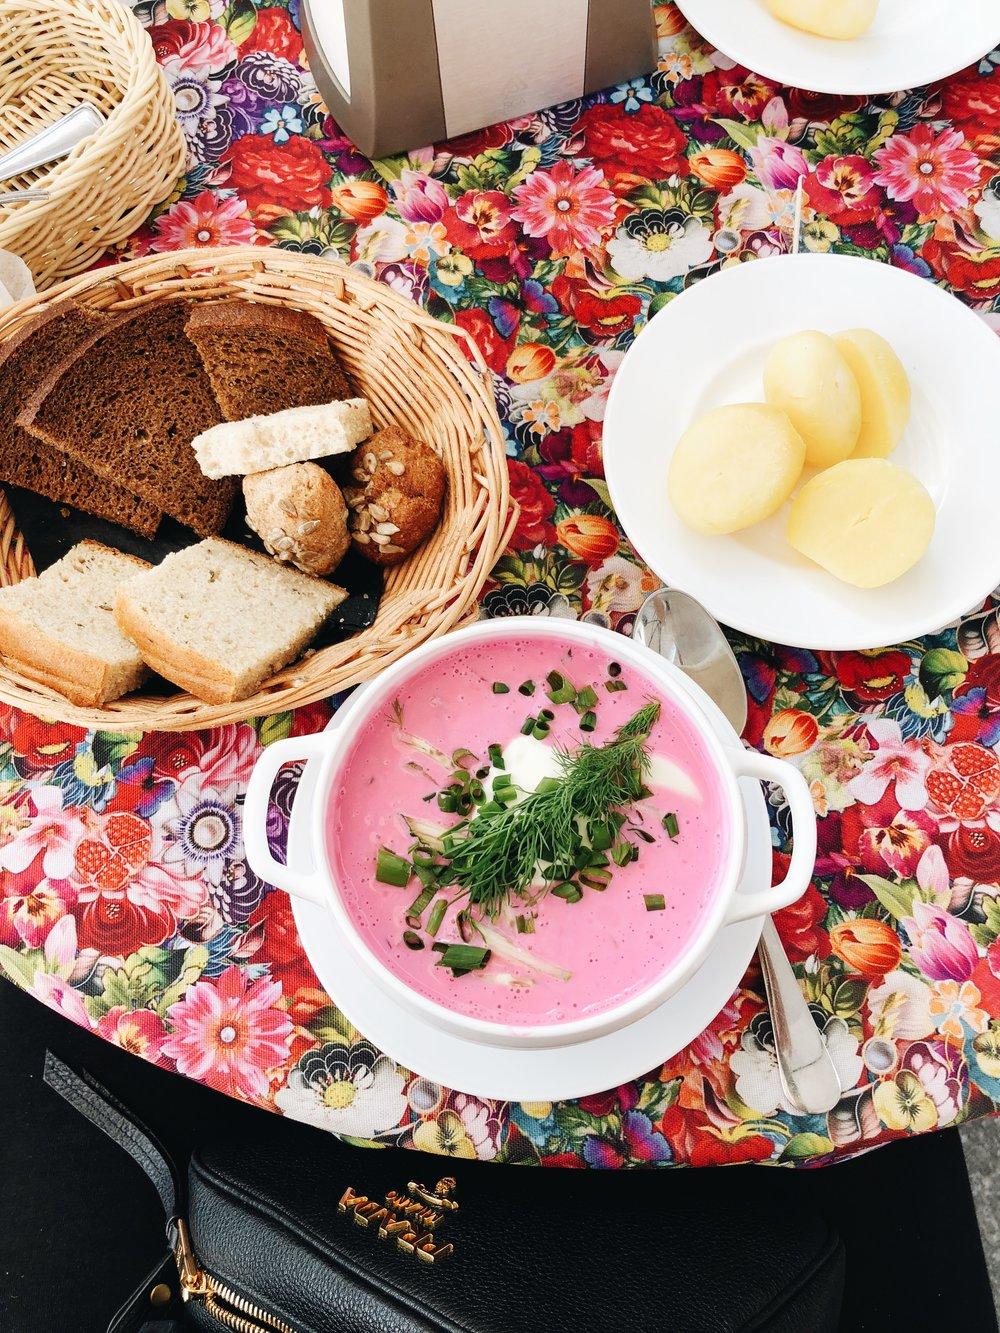 3. Das Essen! Die traditionelle litauische Küche ist zugegebenermaßen recht deftig, aber äußerst schmackhaft. Gerade im Sommer führt kein Weg an Šaltibarščiai – der kalten Rote Beete Suppe mit frisch gekochten Kartoffeln vorbei. Traditionell sollte mindestsens einmal Cepelinai bestellt werden. Das ist Hackfleisch ummantelt mit Kartoffelkloßteig halb und halb. Dazu gibt es ausgelassenen Speck und saure Sahne, perfekt gegen Kater oder vorm Ausgehen ;-) Leider wird unser liebstes Lokal Neringa derzeit kernsarniert, weswegen wir hier keine Restaurantempfehlung aussprechen können. Die Litauerinnen und Litauer essen diese Gerichte meist nur daheim und nicht auswärts, aber das ist ja ohnehin überall so. Was wir damit sagen wollen, einfach in einem litauischen Lokal ausprobieren!